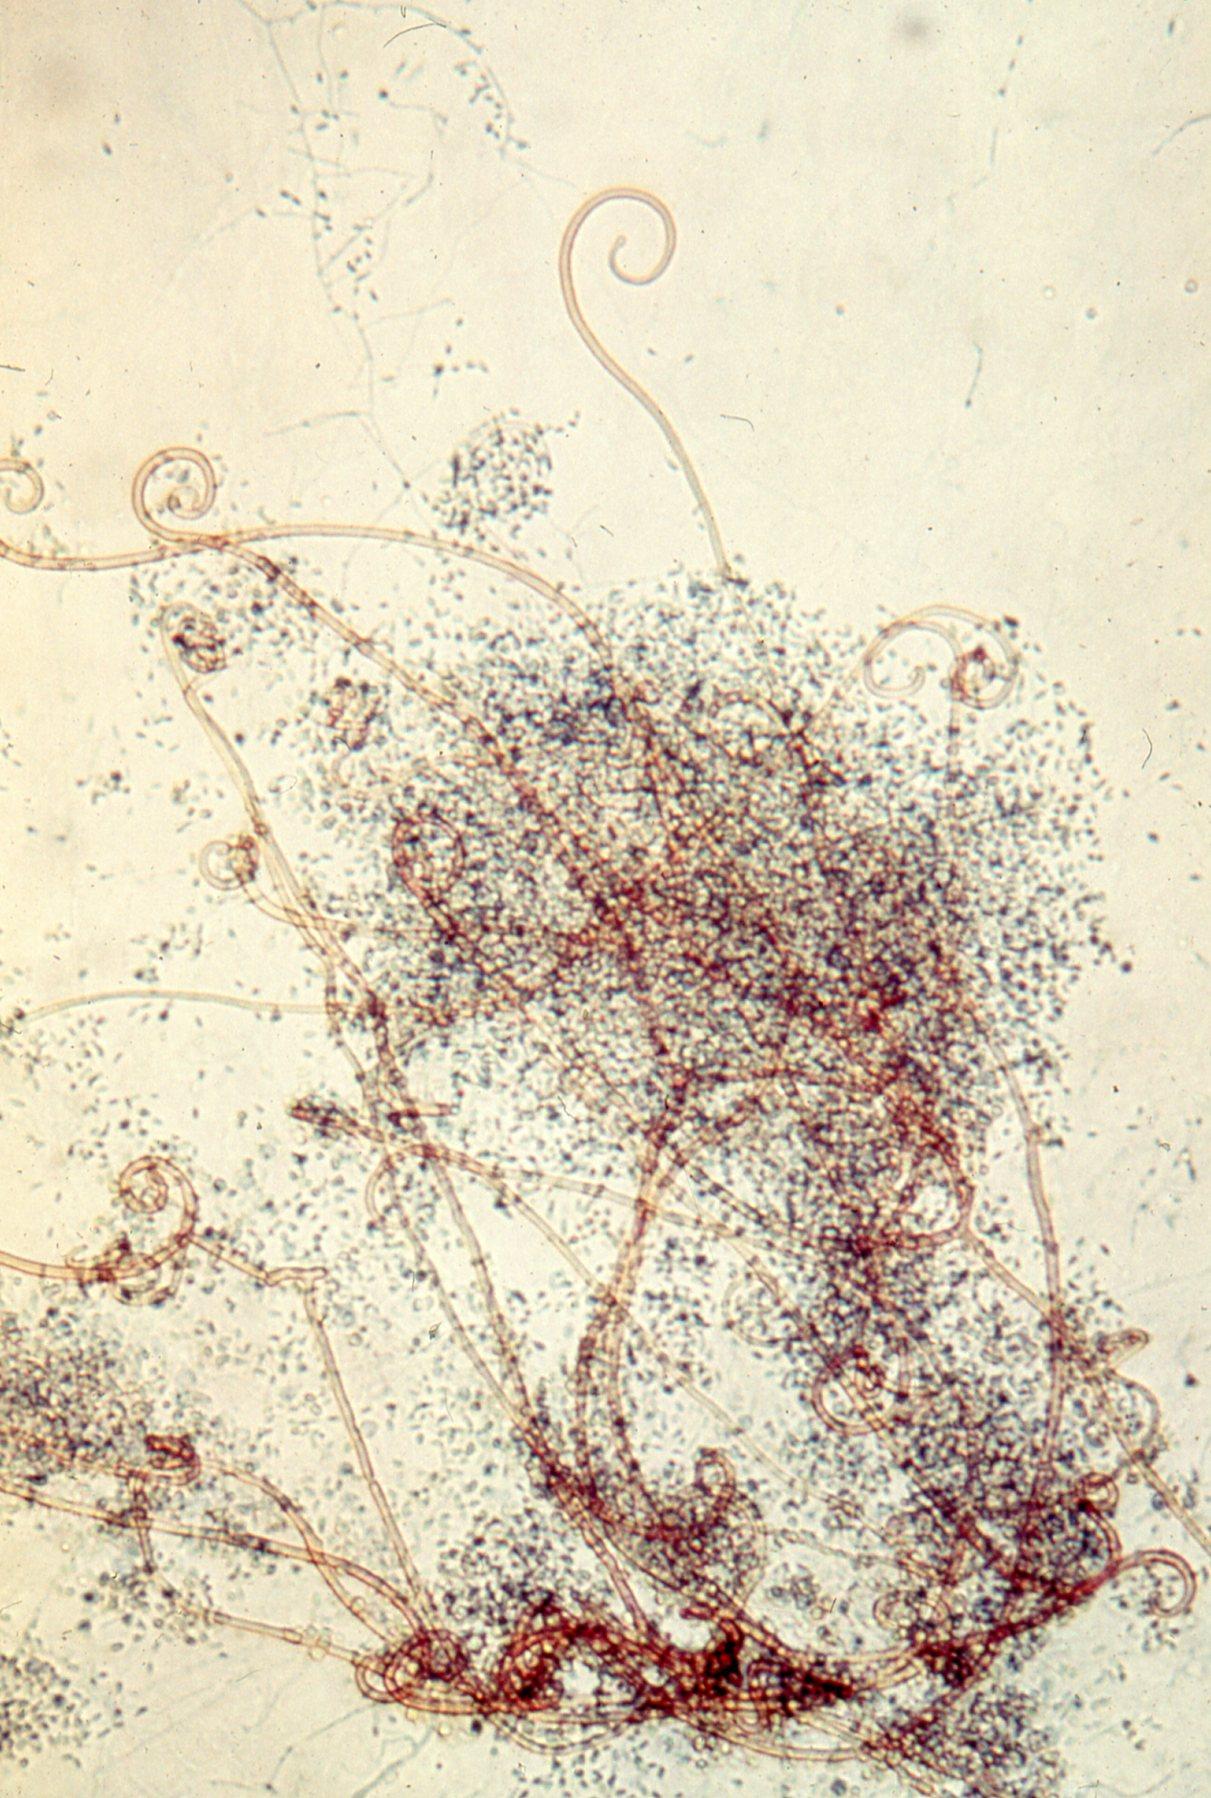 Auxarthron (Myxotrichium) umbrinum.